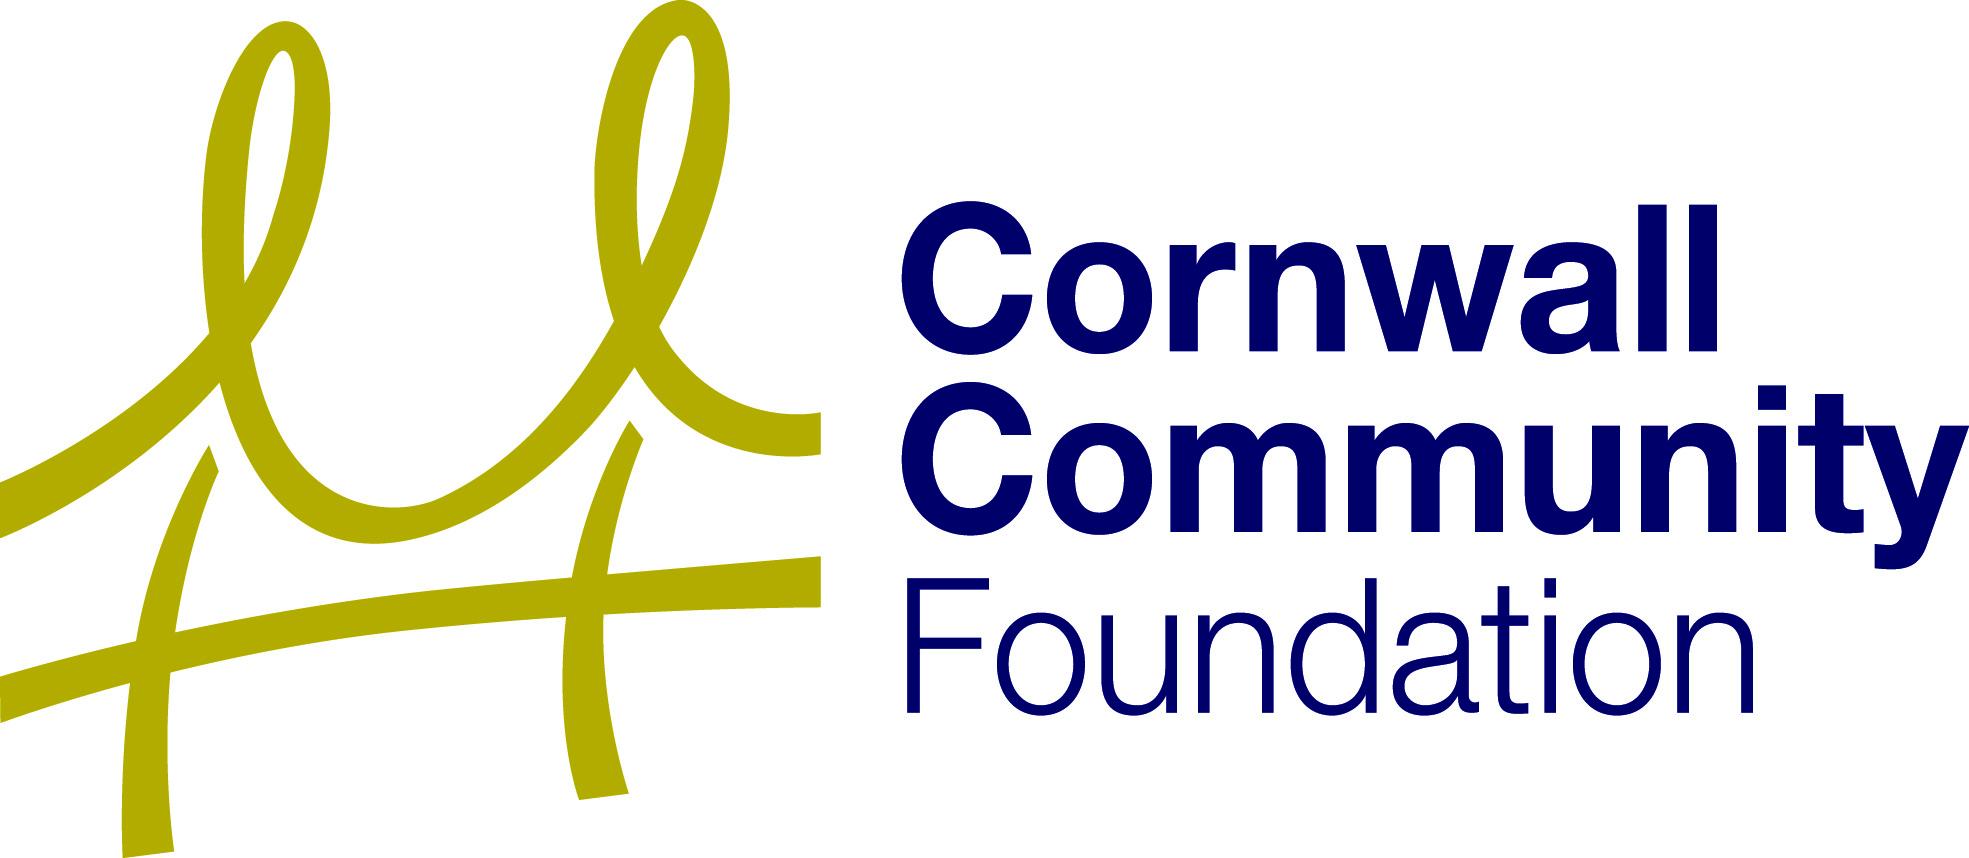 ccf support summer camp uk